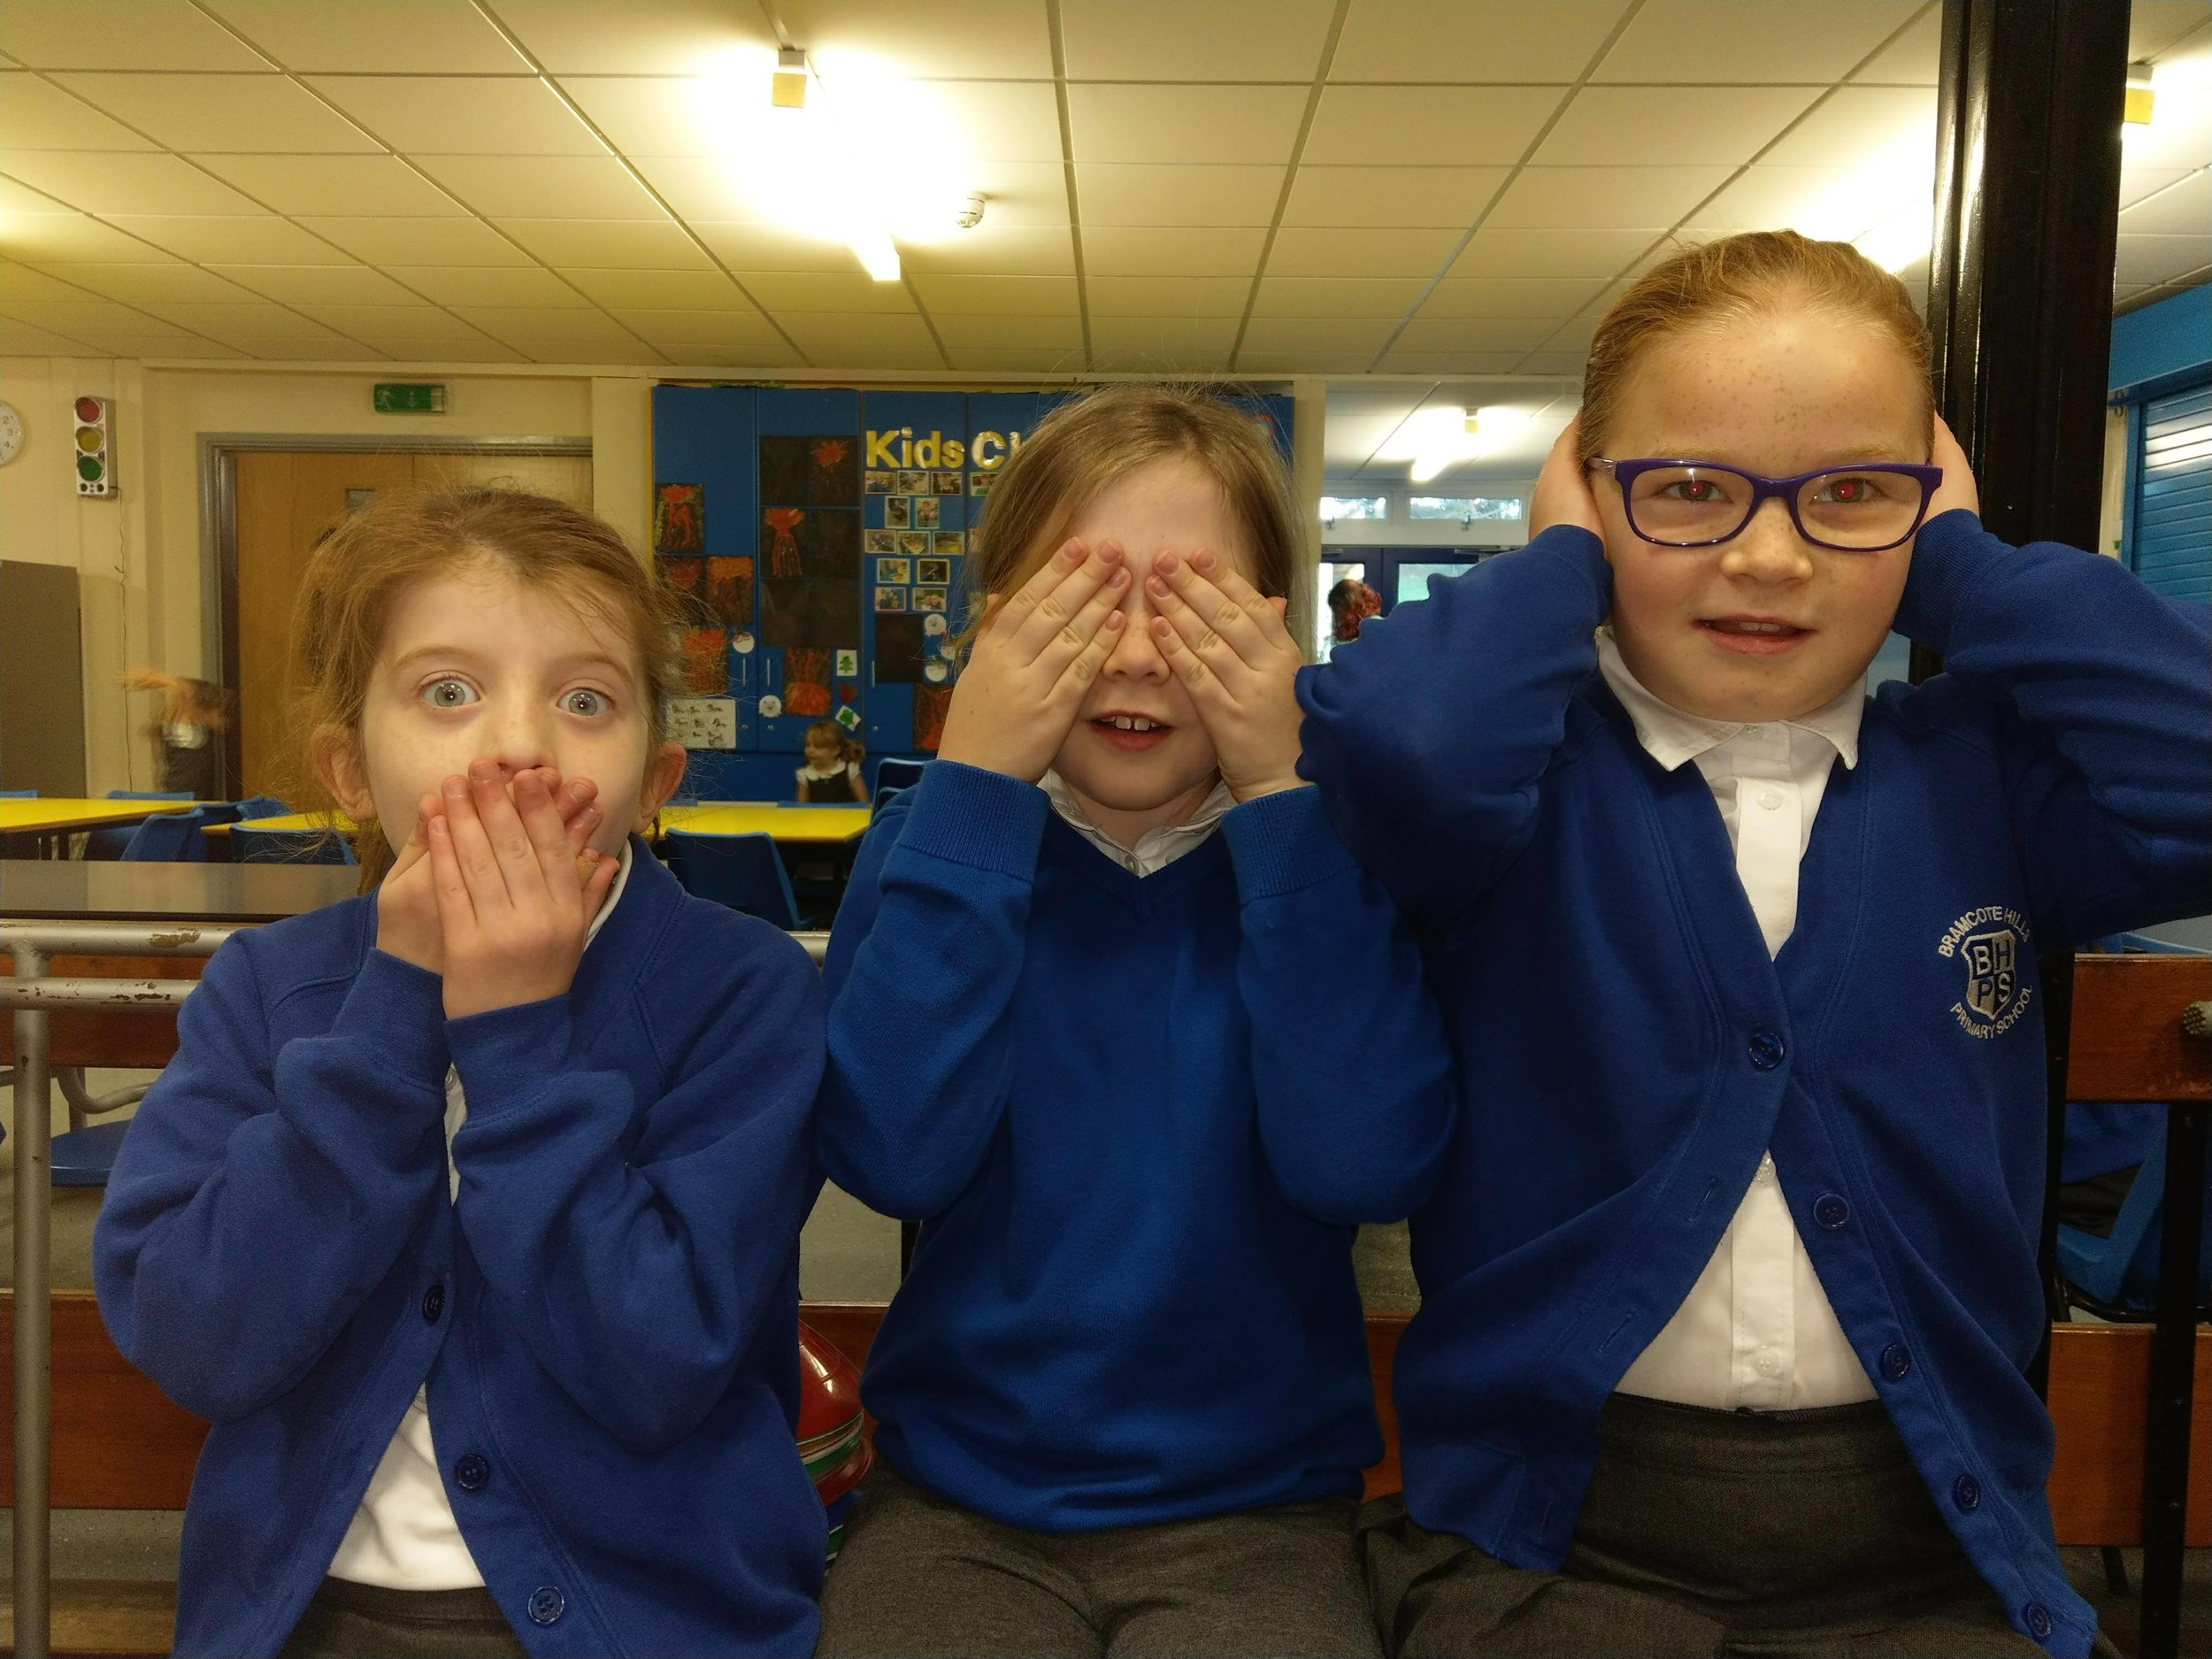 Three wise children